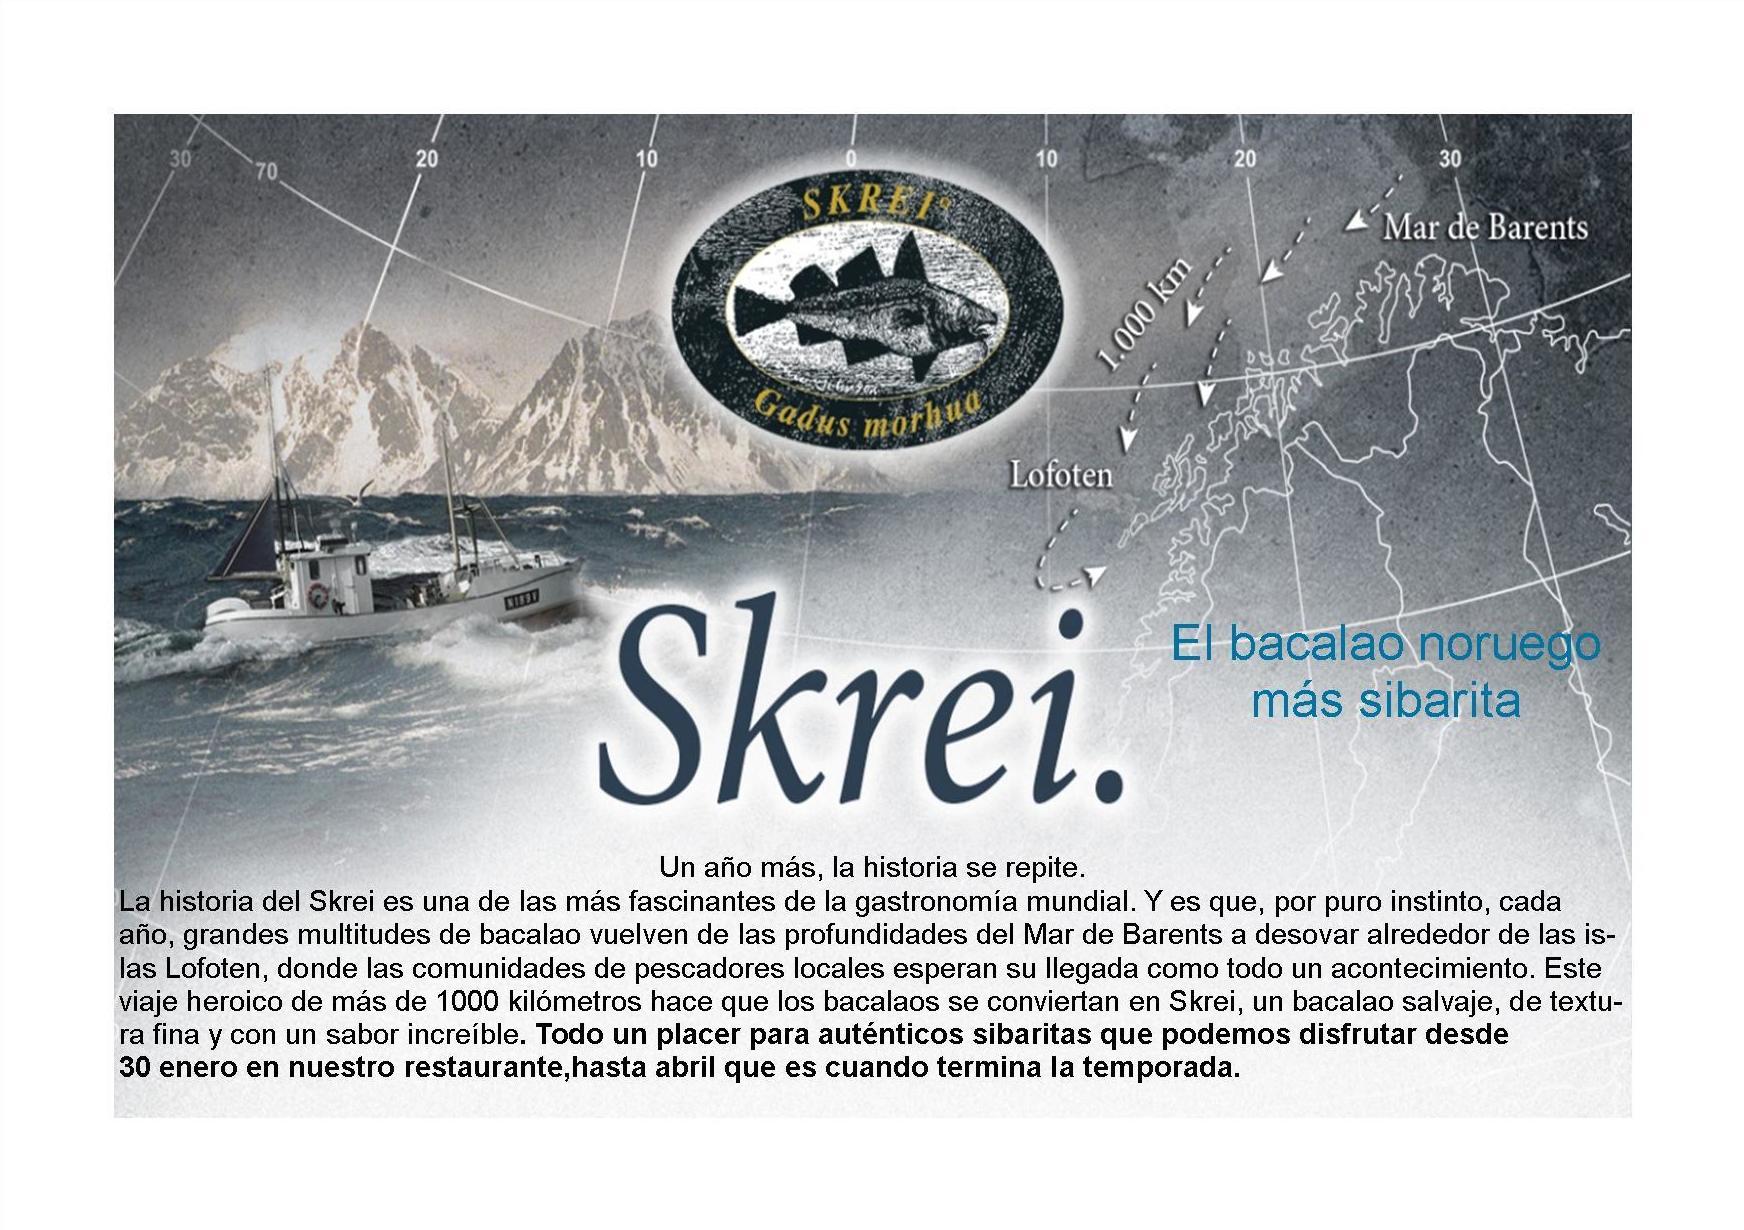 El Bacalao Skrei Noruego esta a punto de llegar!!!!